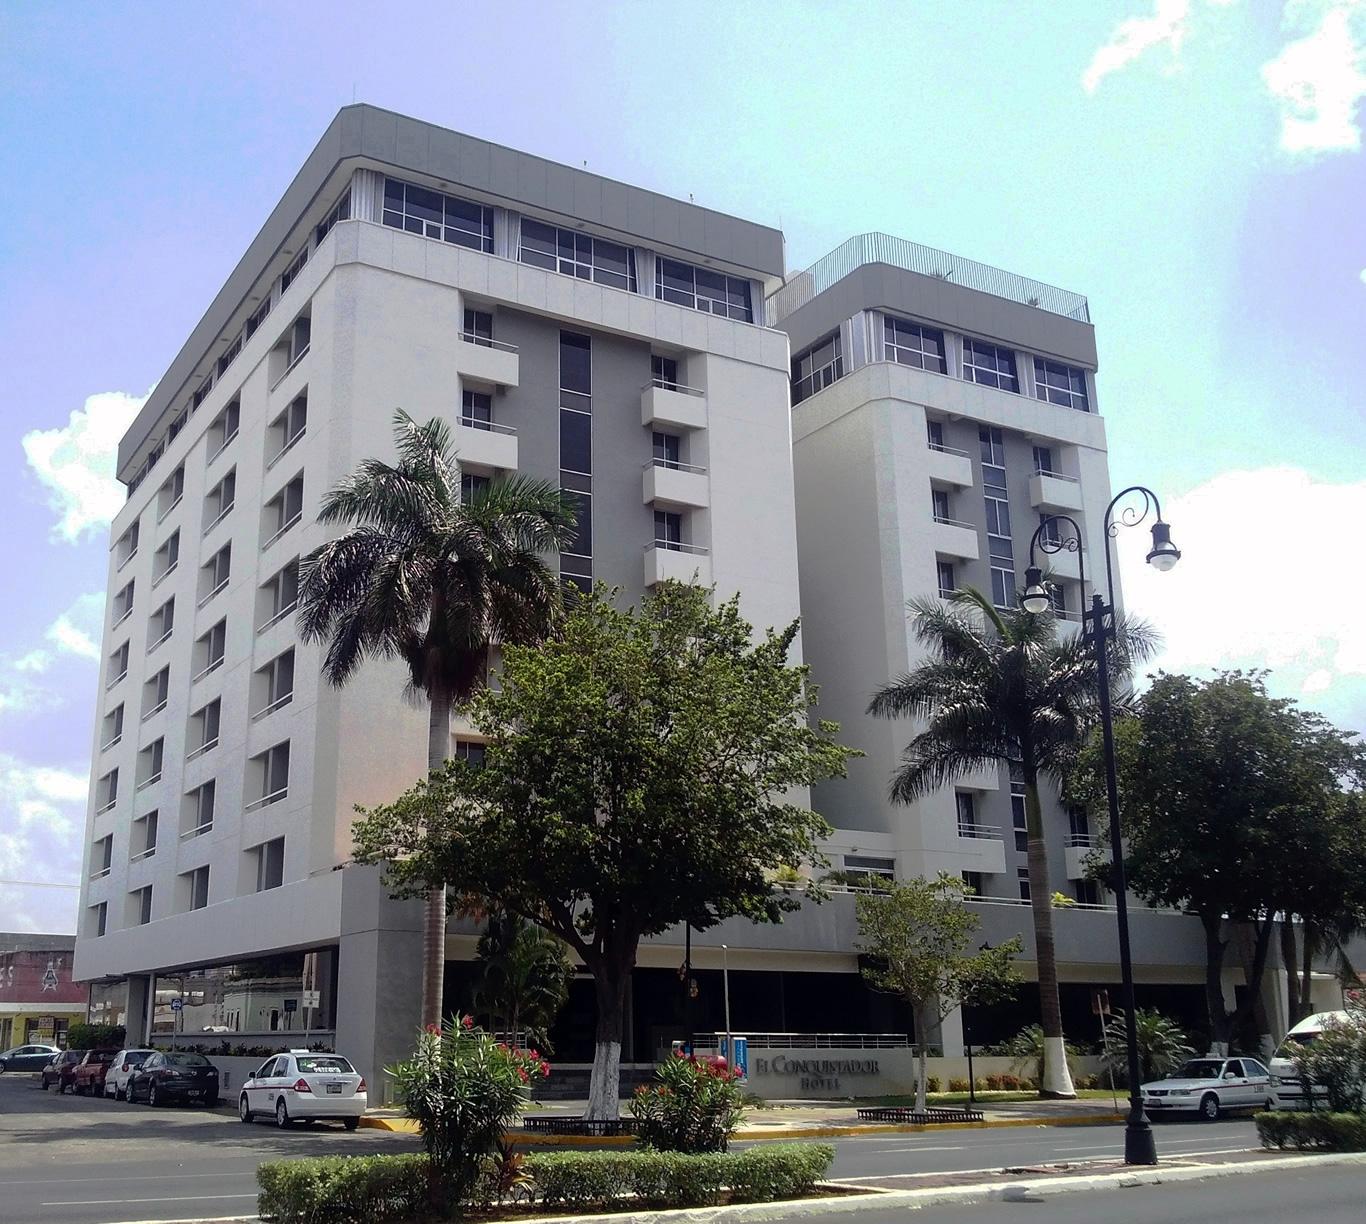 El Conquistador hotel, Отель Мерида